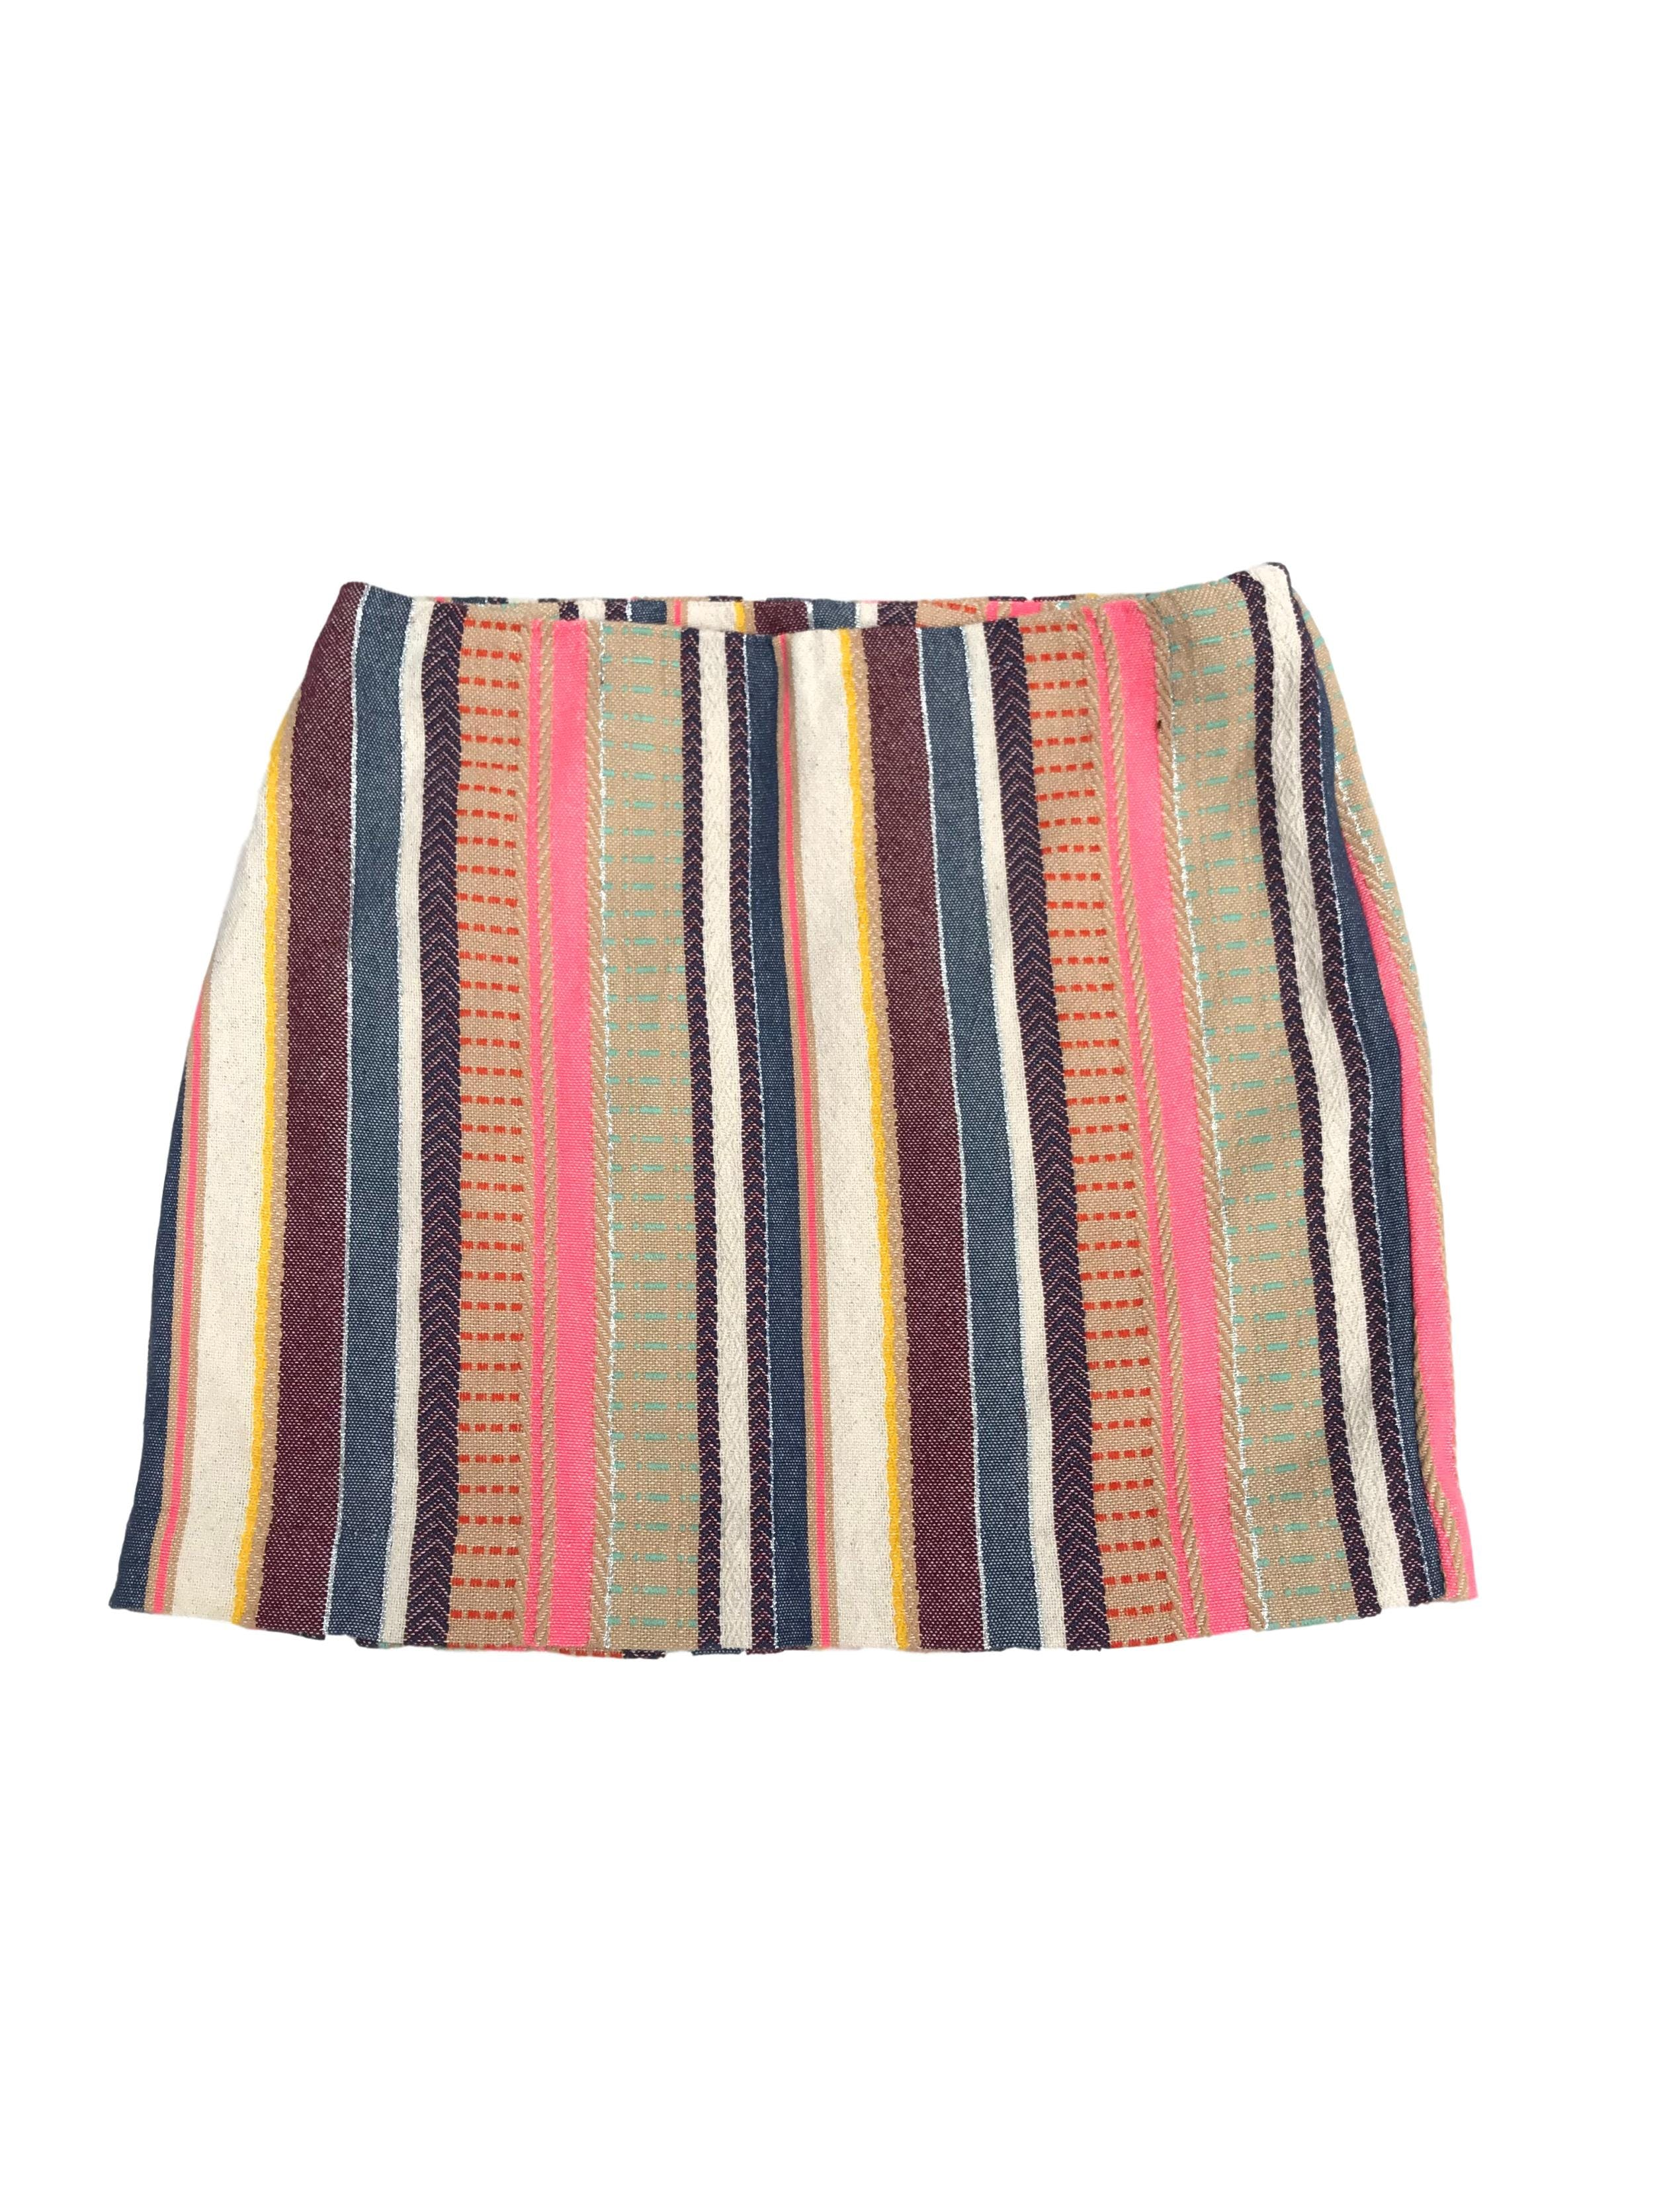 Falda mini H&M 82% algodón motivo étnico, forrada con cierre lateral. Pretina 74cm Largo 40cm